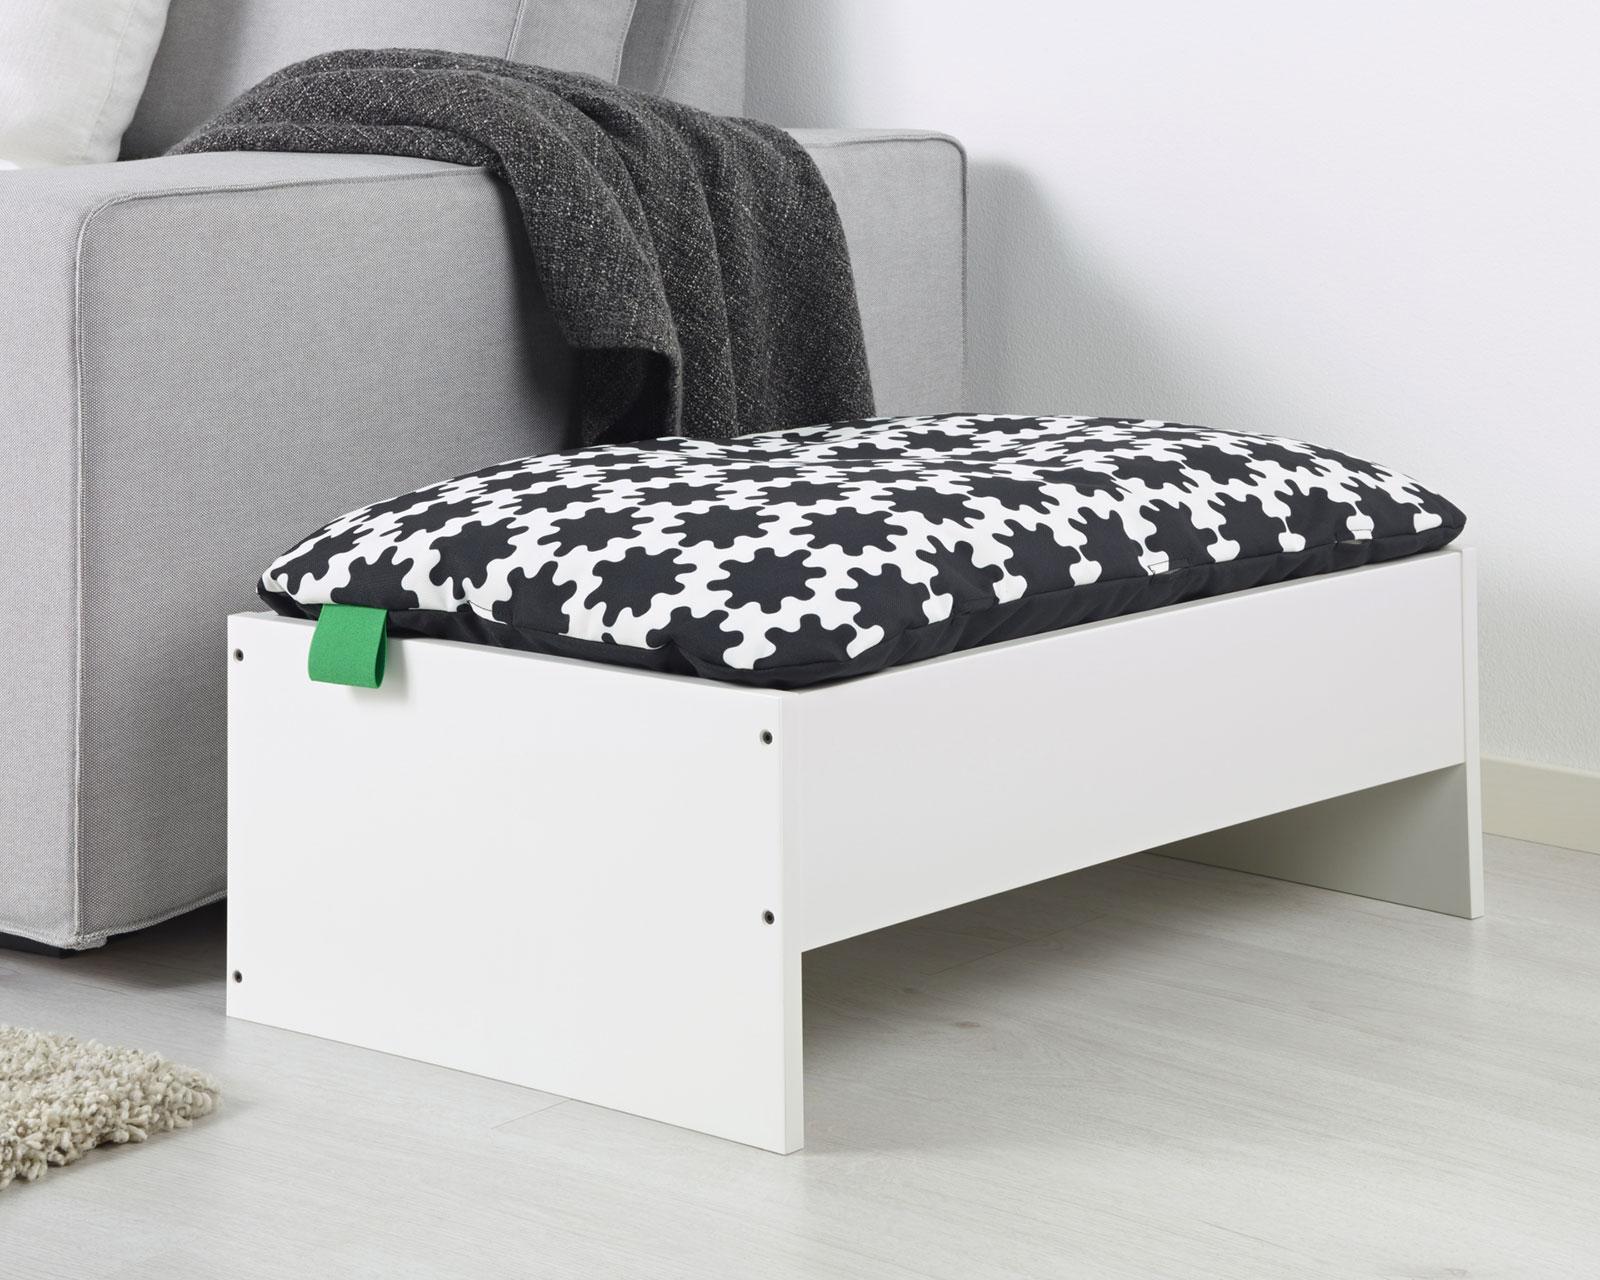 WINKDECO_IKEA_LURVIG_17